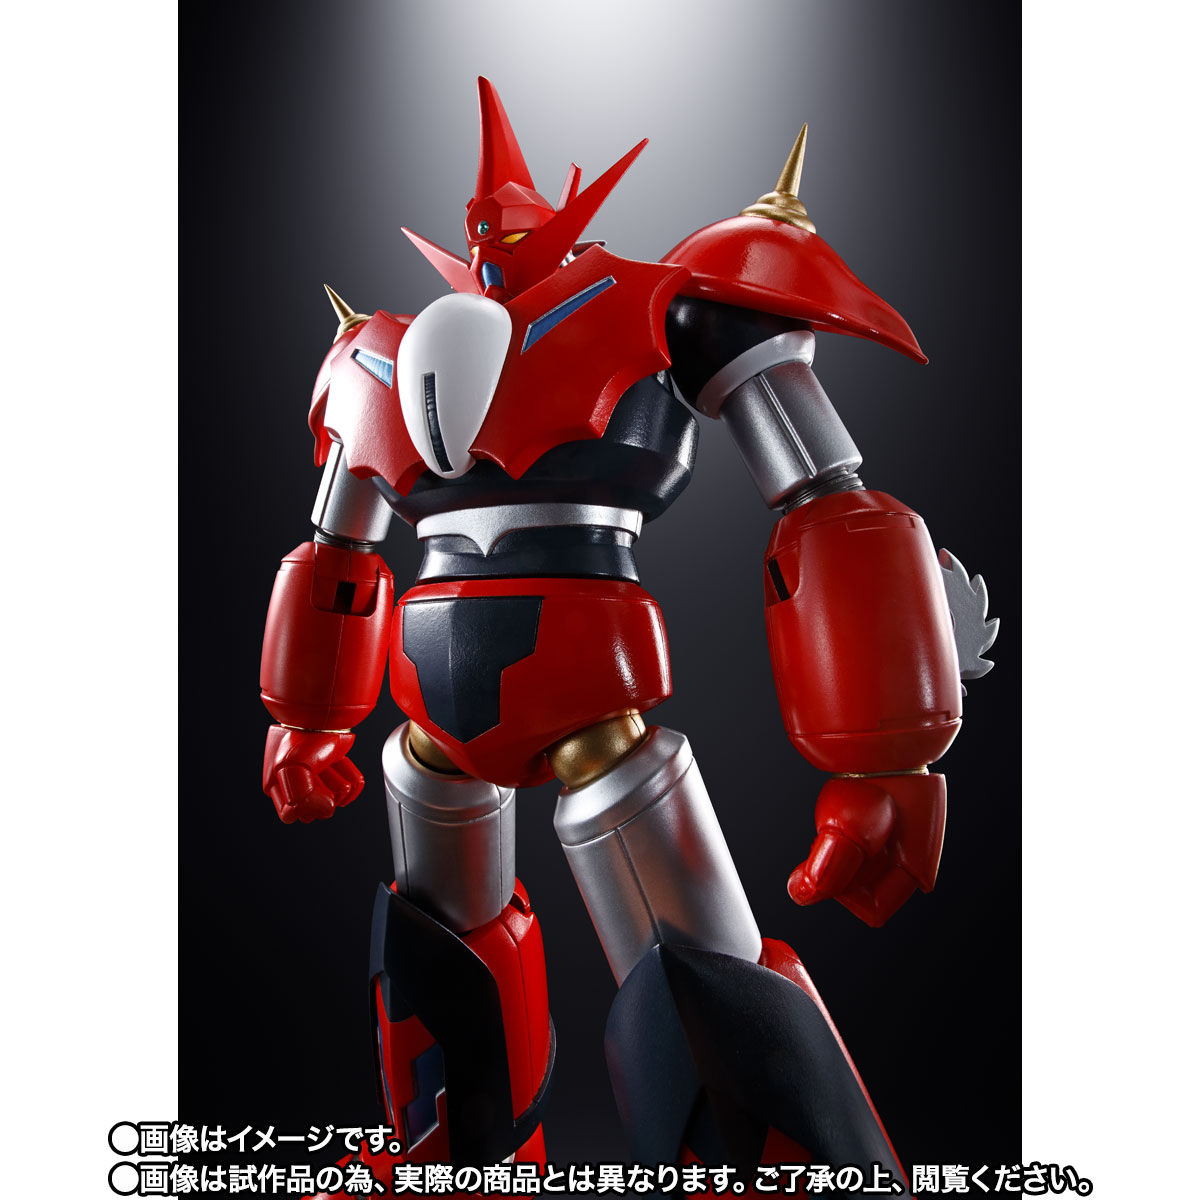 【限定販売】超合金魂『GX-98 ゲッターD2』ゲッターロボ アーク 可動フィギュア-009